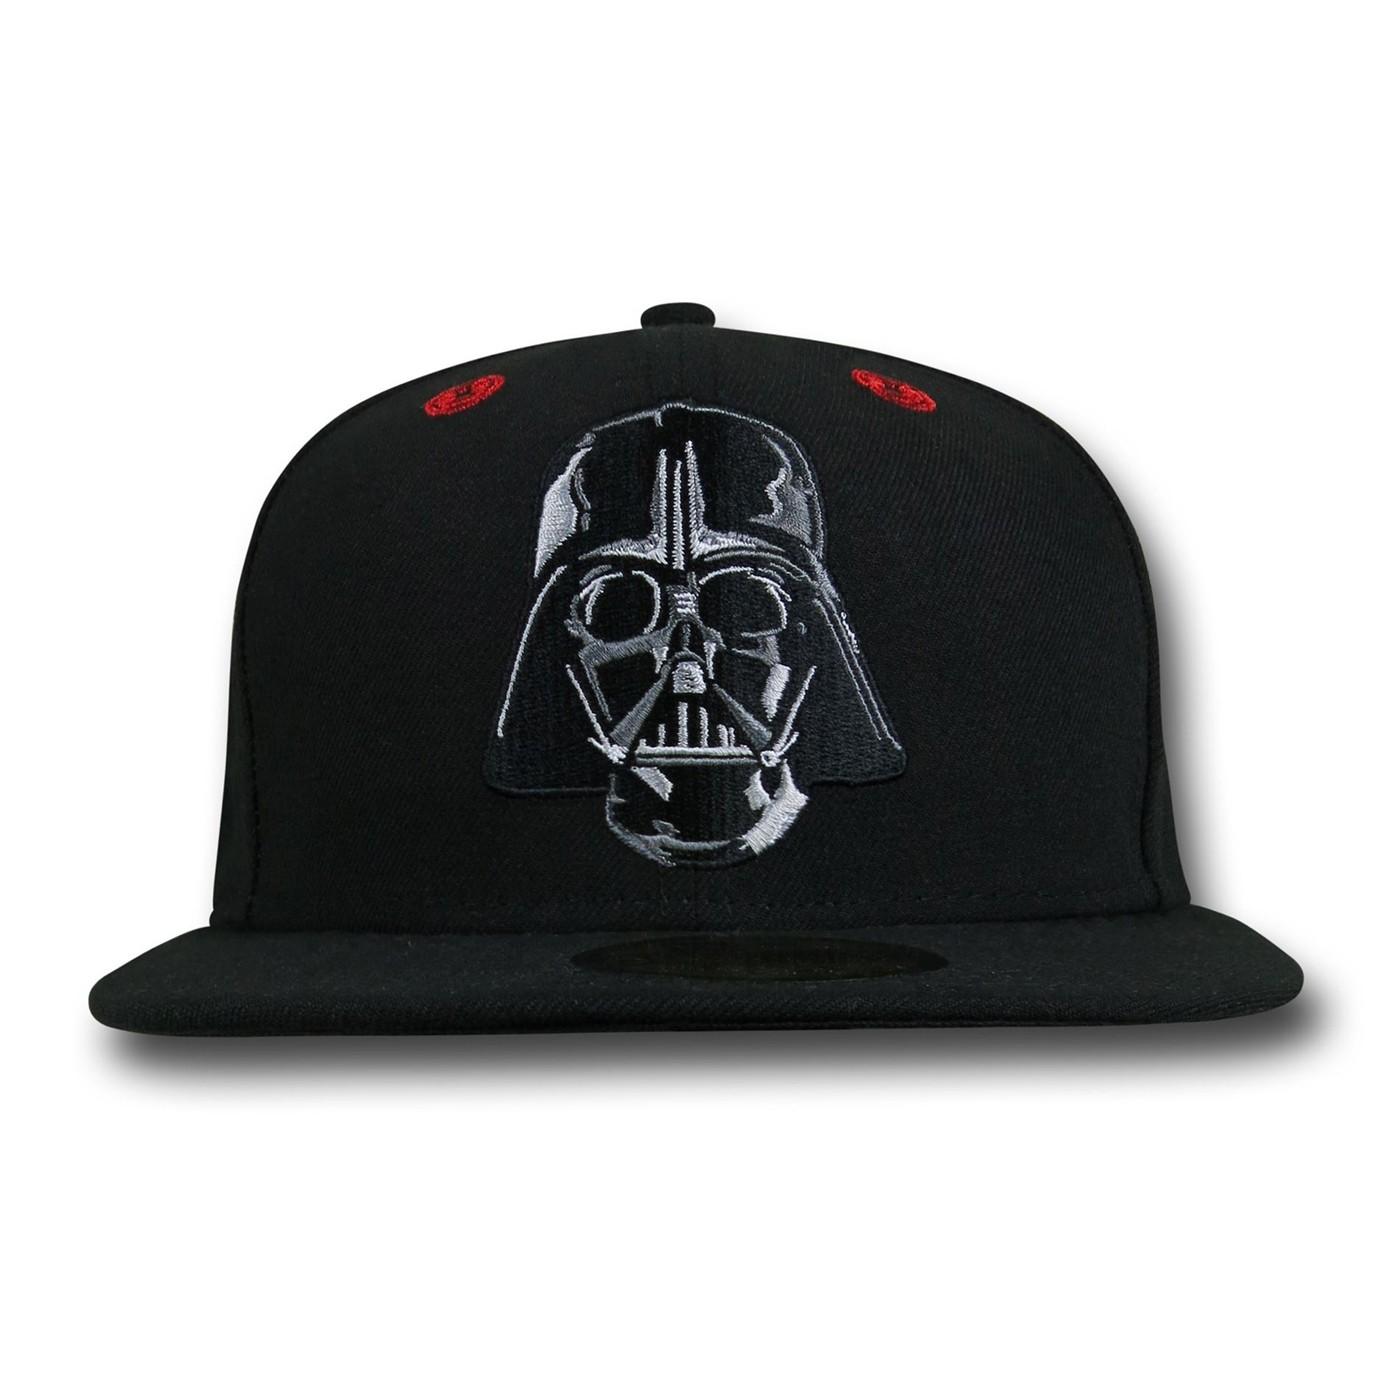 Star Wars Darth Vader Stargazer 59Fifty Hat